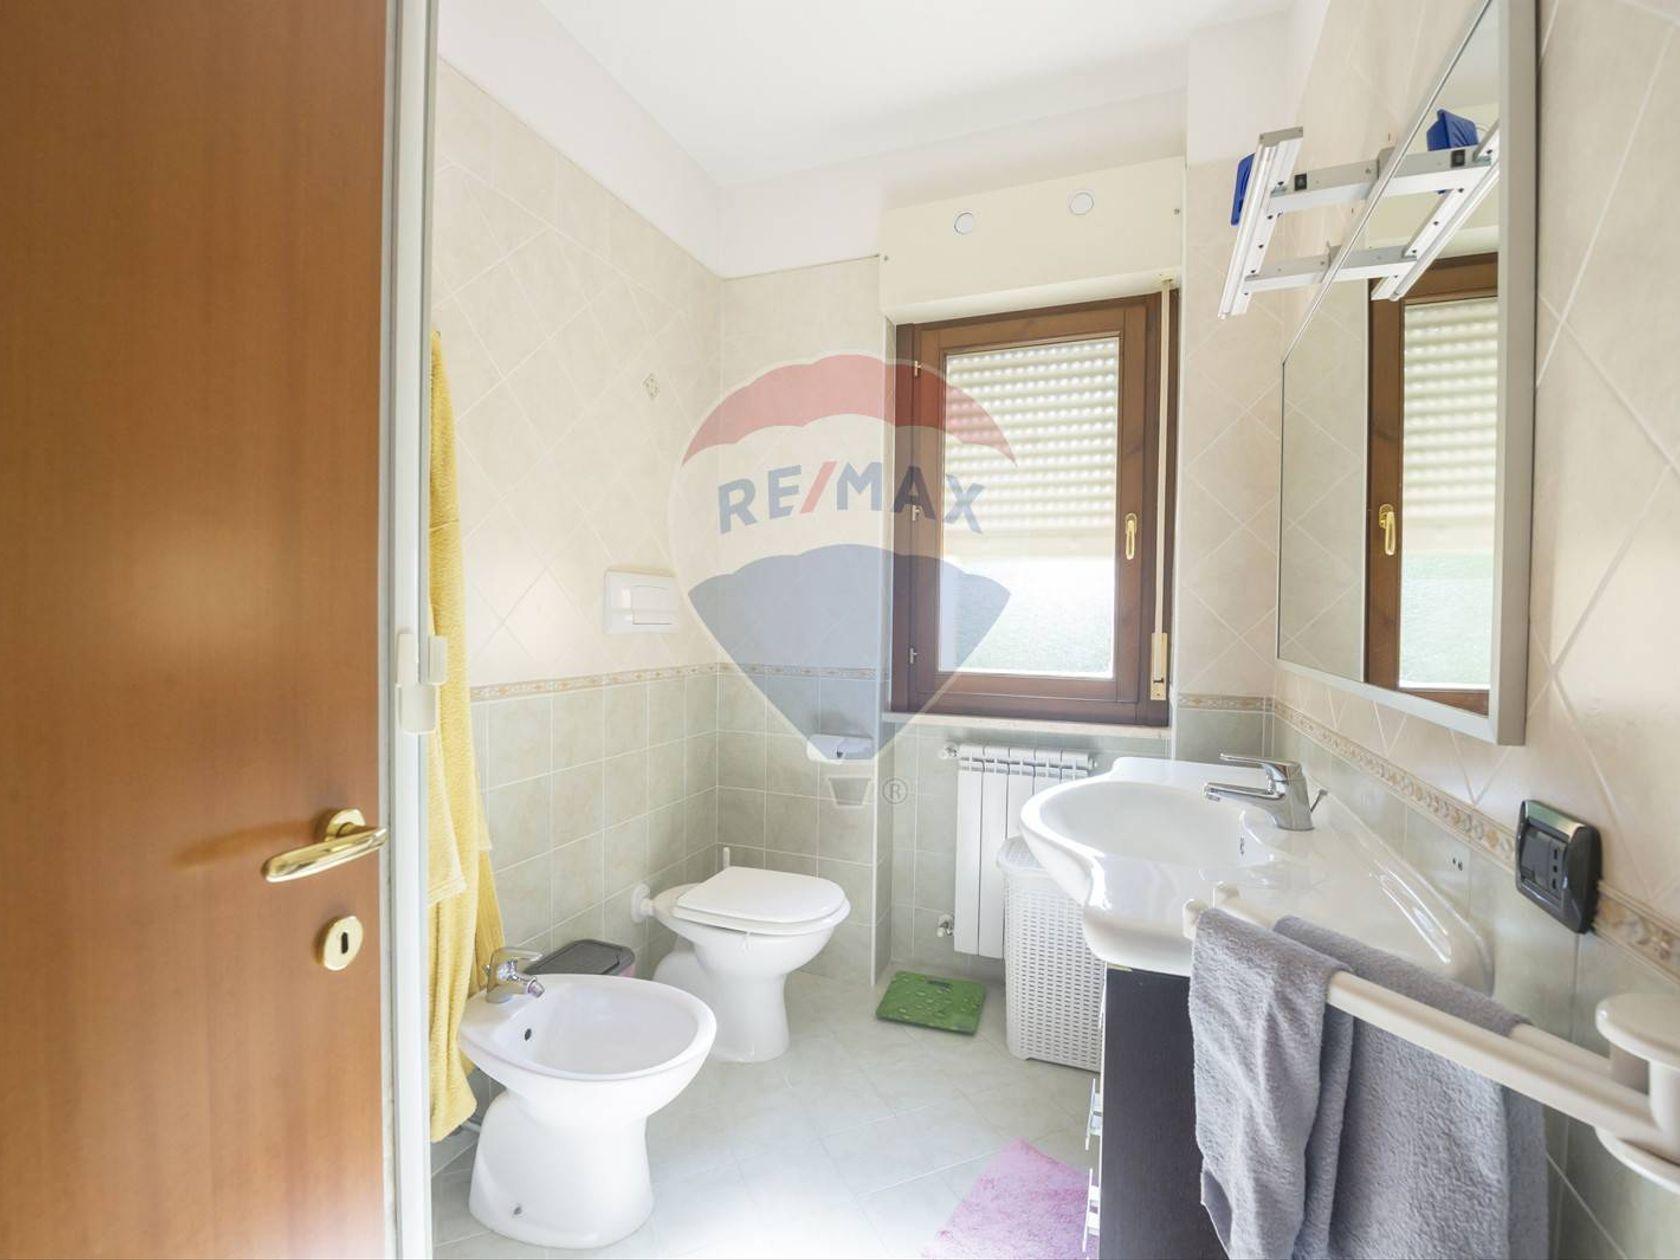 Appartamento Madonna delle Piane, Chieti, CH Vendita - Foto 19